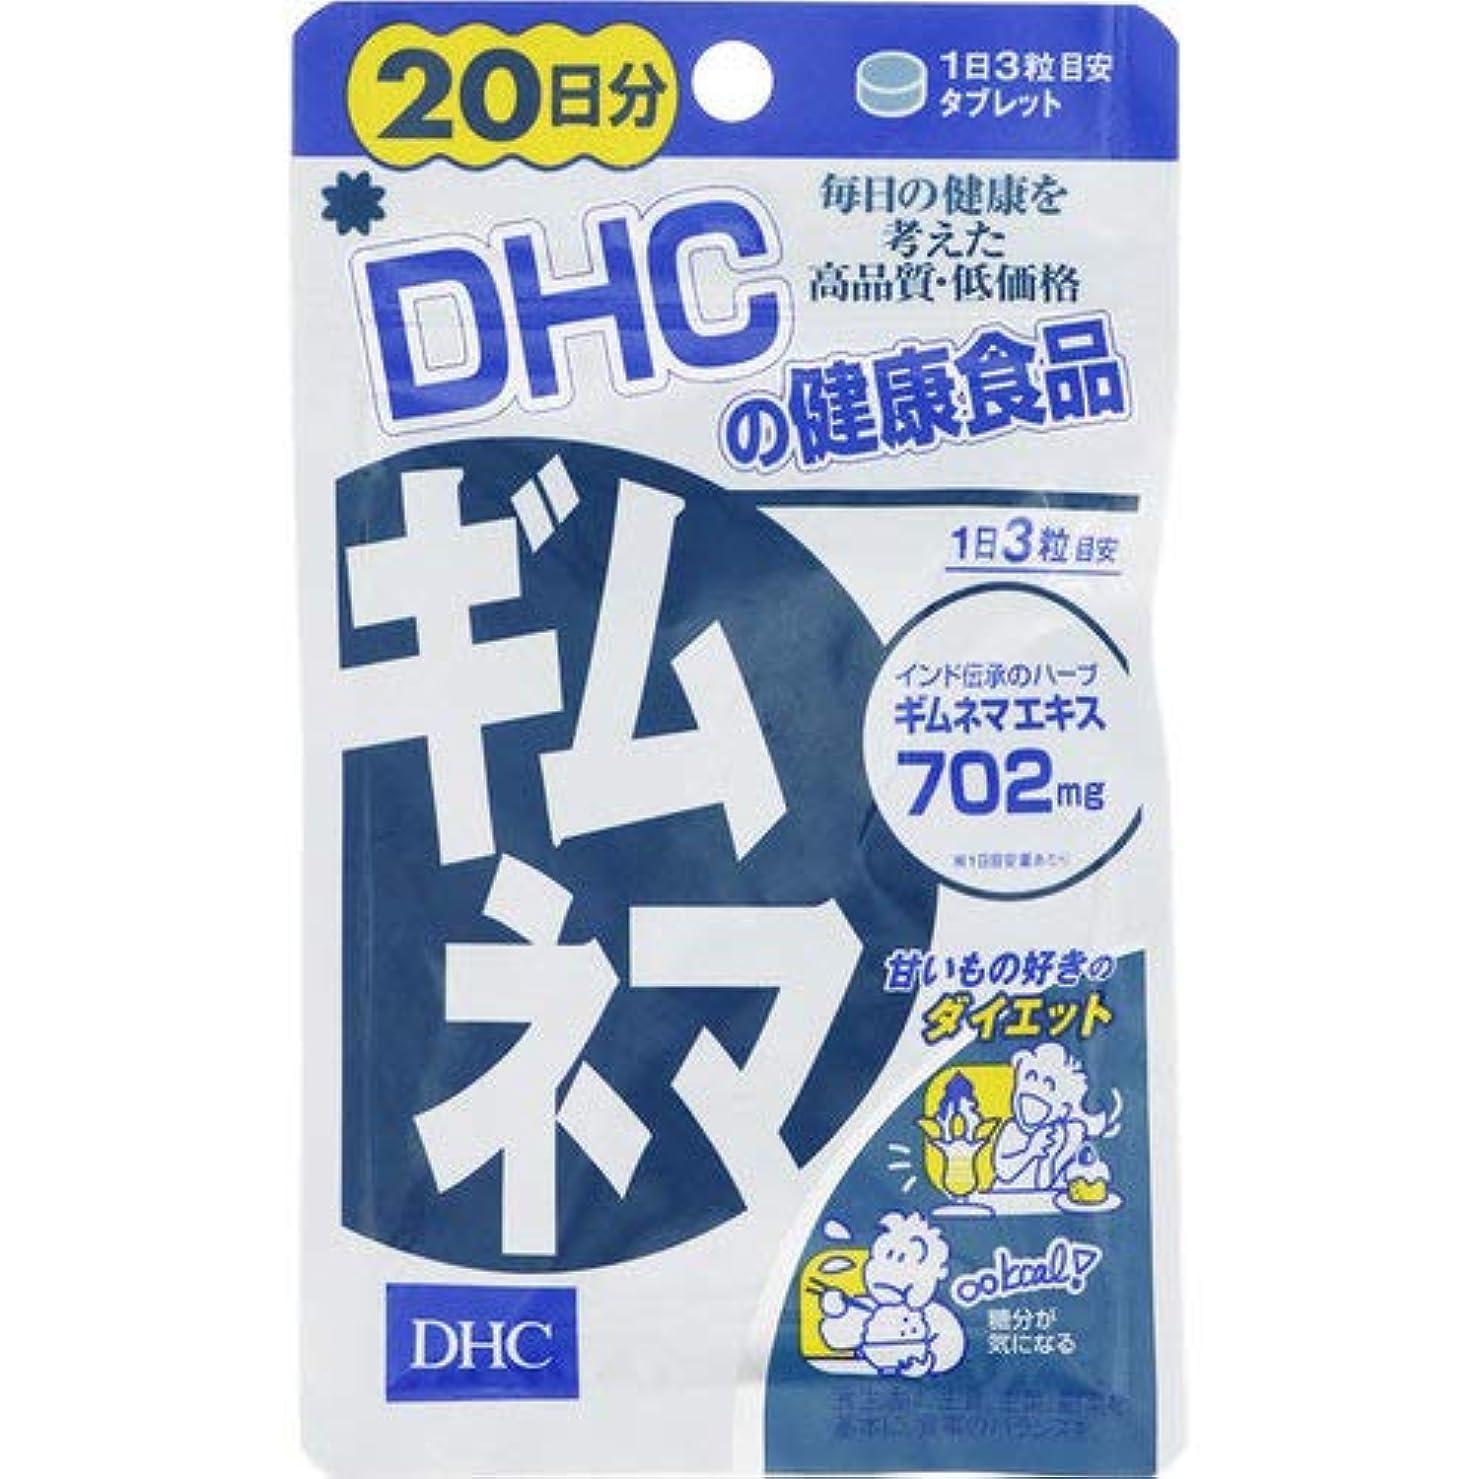 証書塗抹致命的な【DHC】ギムネマ 20日分 (60粒)